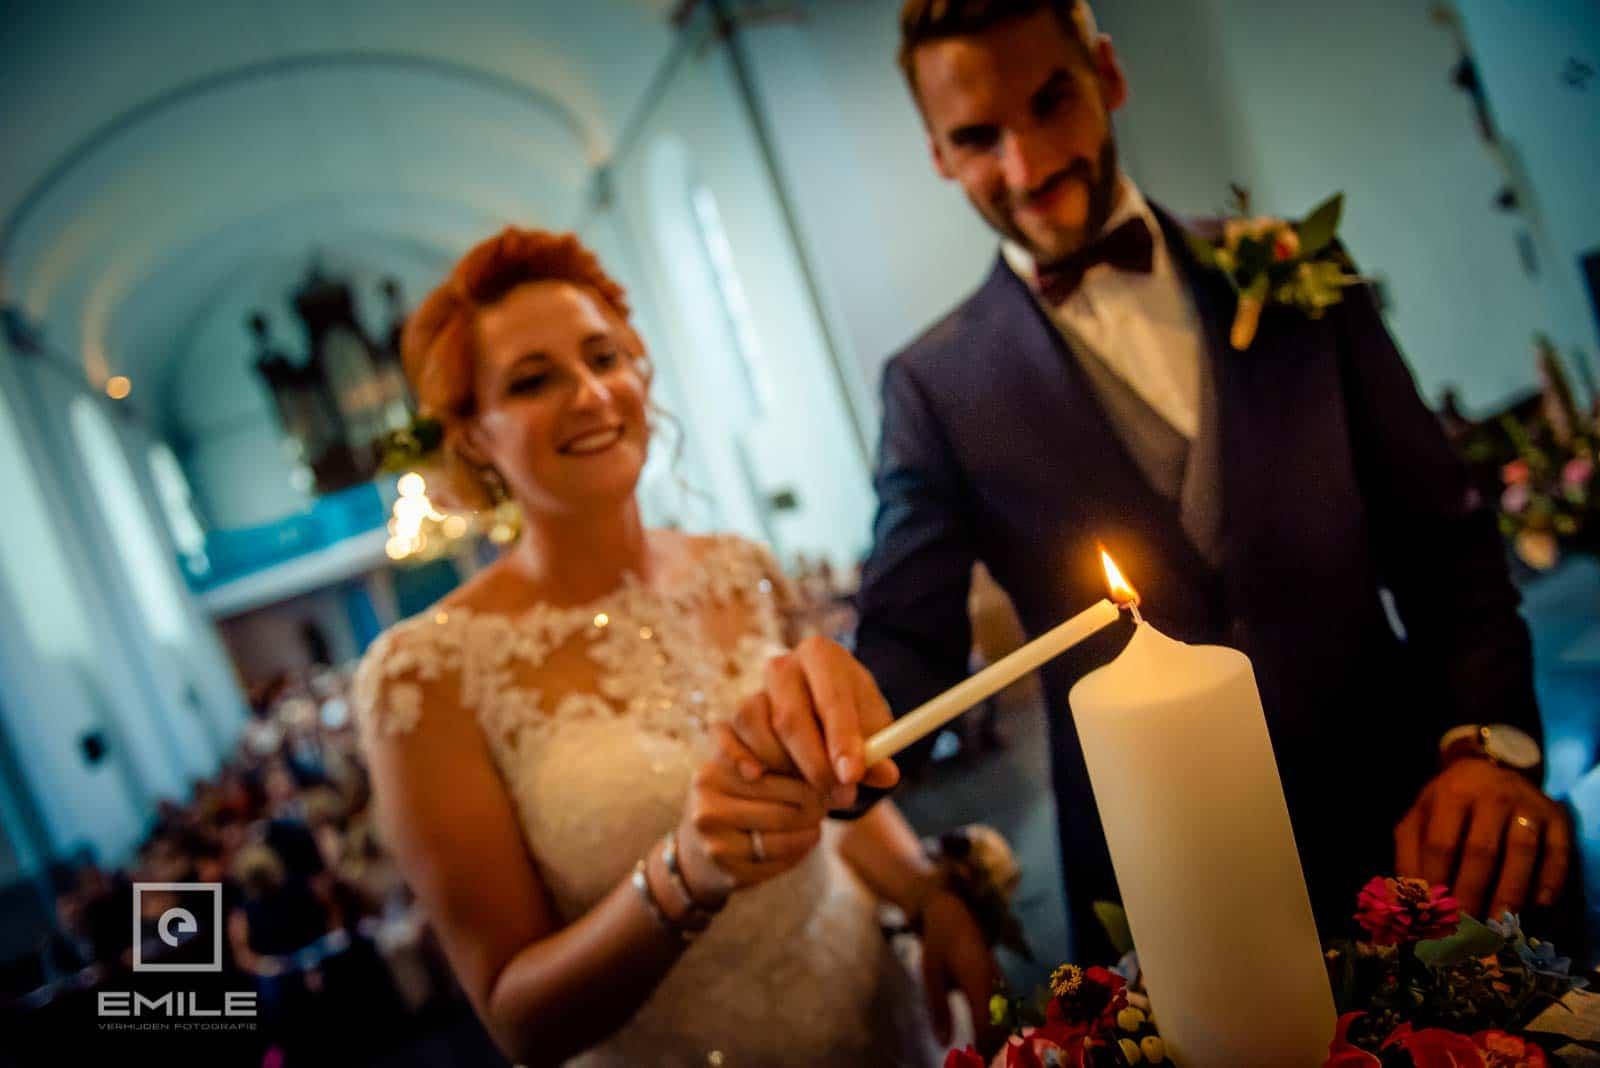 De huwelijkskaars wordt aangestoken door bruidspaar in de kerk